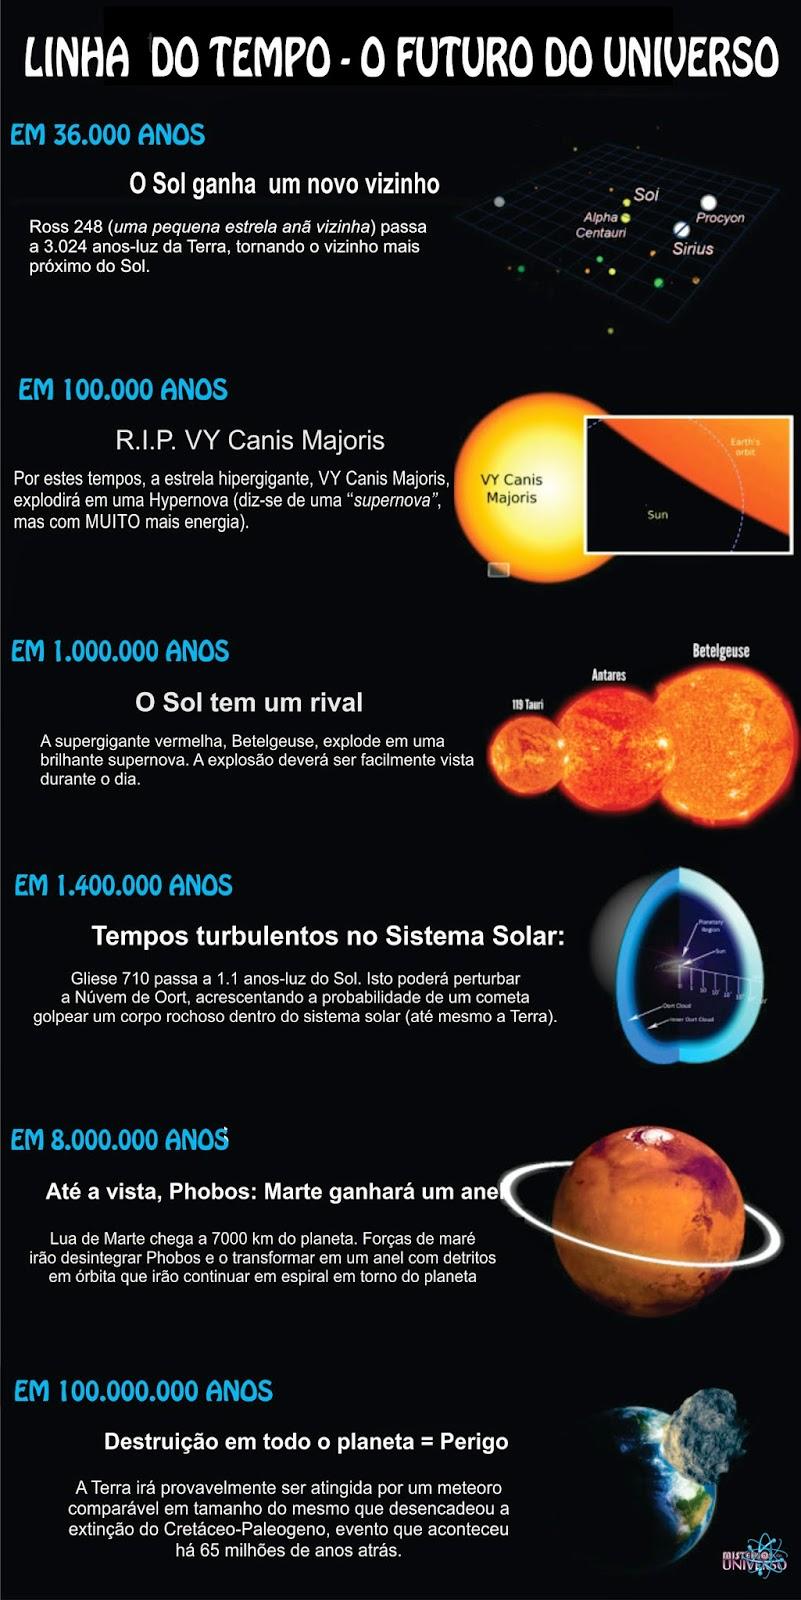 4f3d7757317 Infográfico  timeline mostra o futuro do Universo - Mistérios do Universo